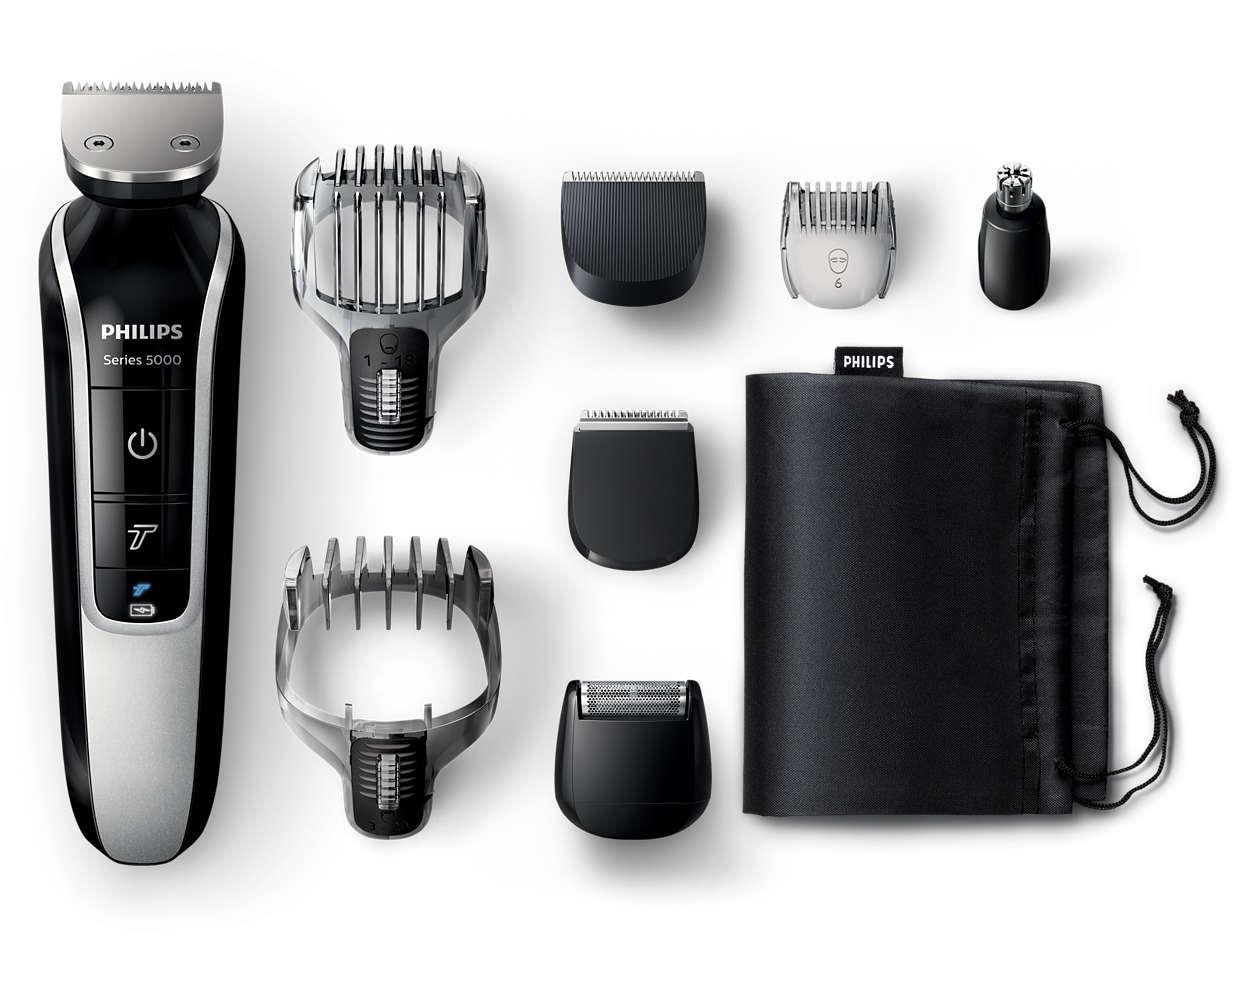 Rifinitore per capelli e barba all-in-one